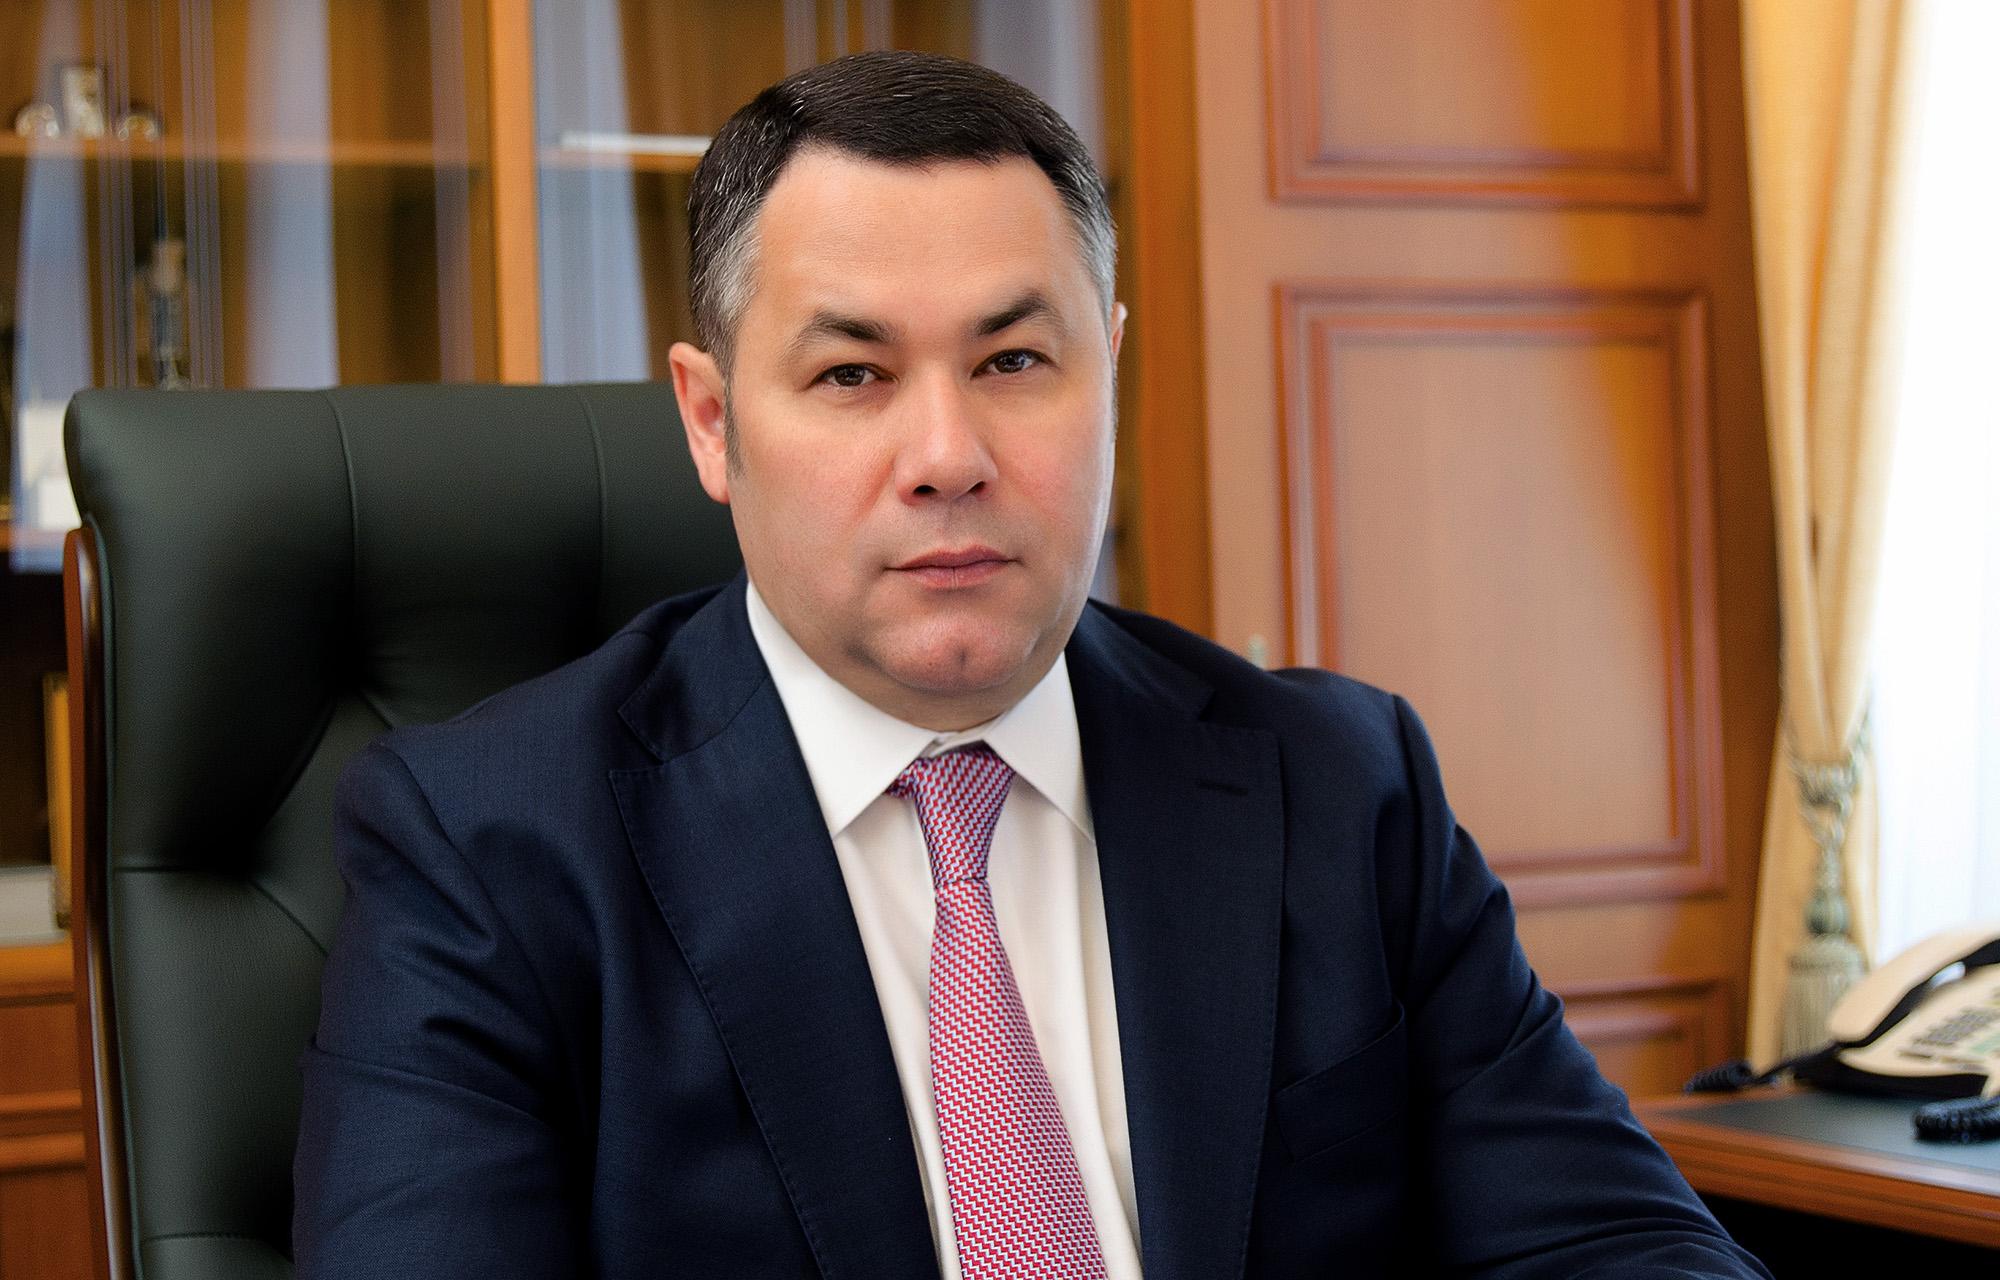 Игорь Руденя вошёл в ТОП-5 губернаторов по числу позитивных упоминаний в соцсетях